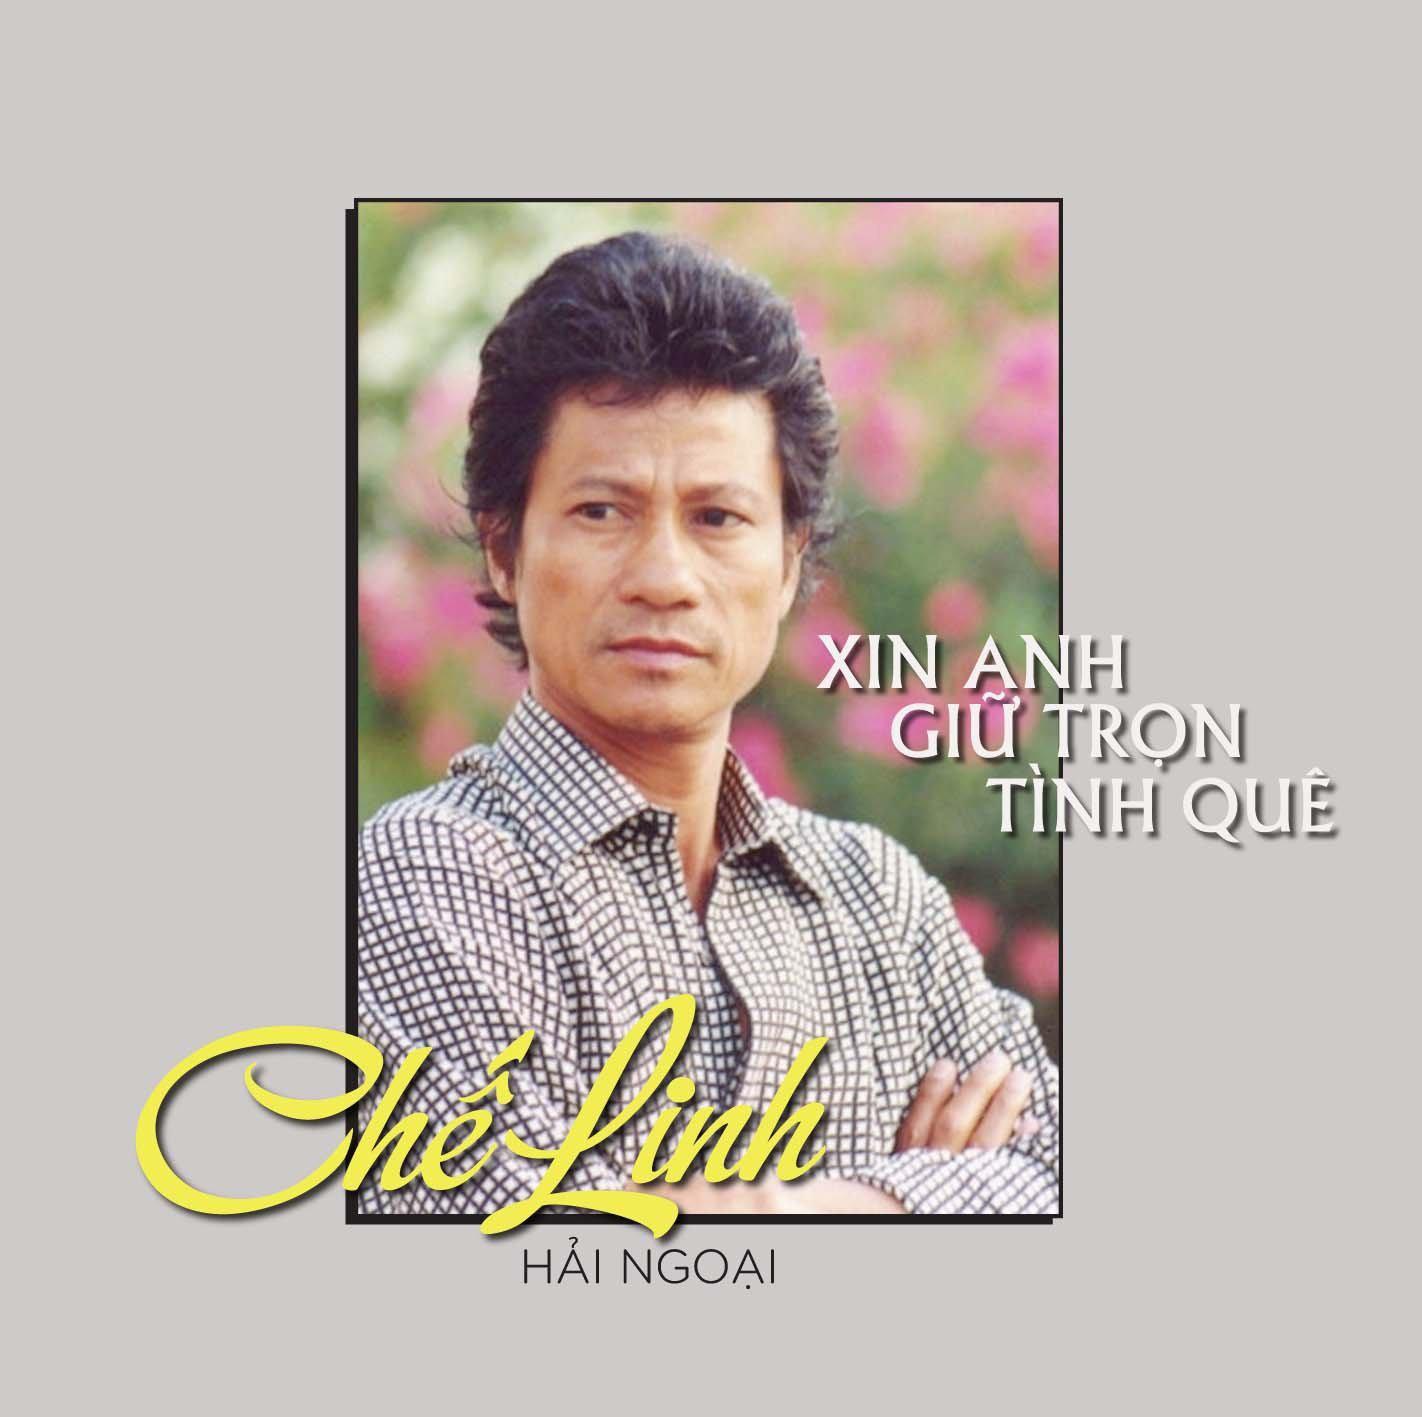 CD Xin Anh Giữ Trọn Tình Quê